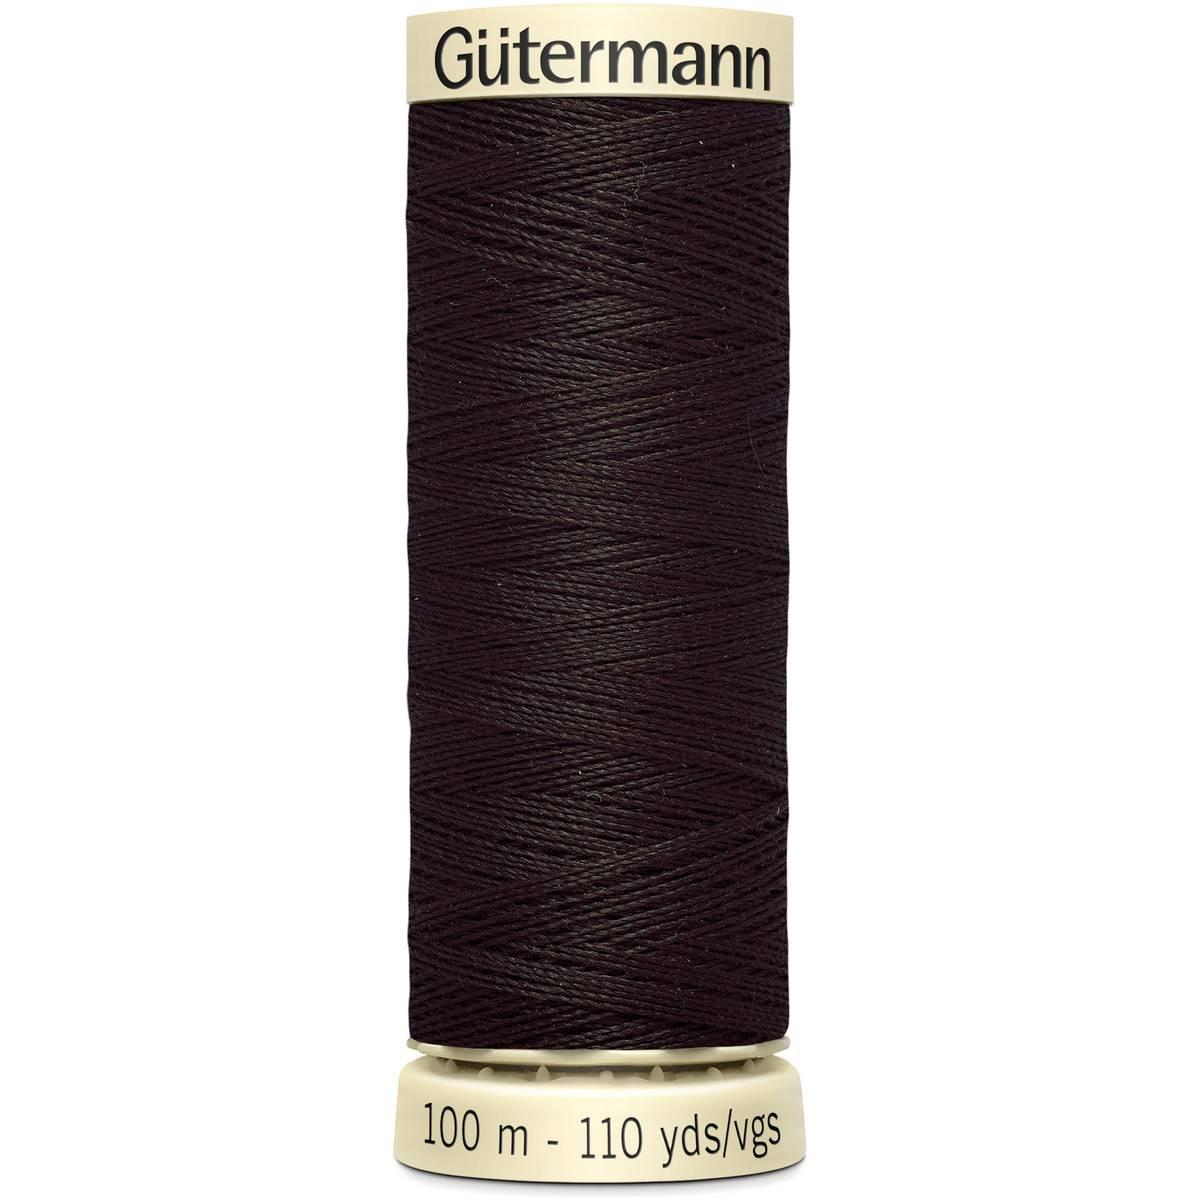 חוט תפירה גוטרמן - Grey 697